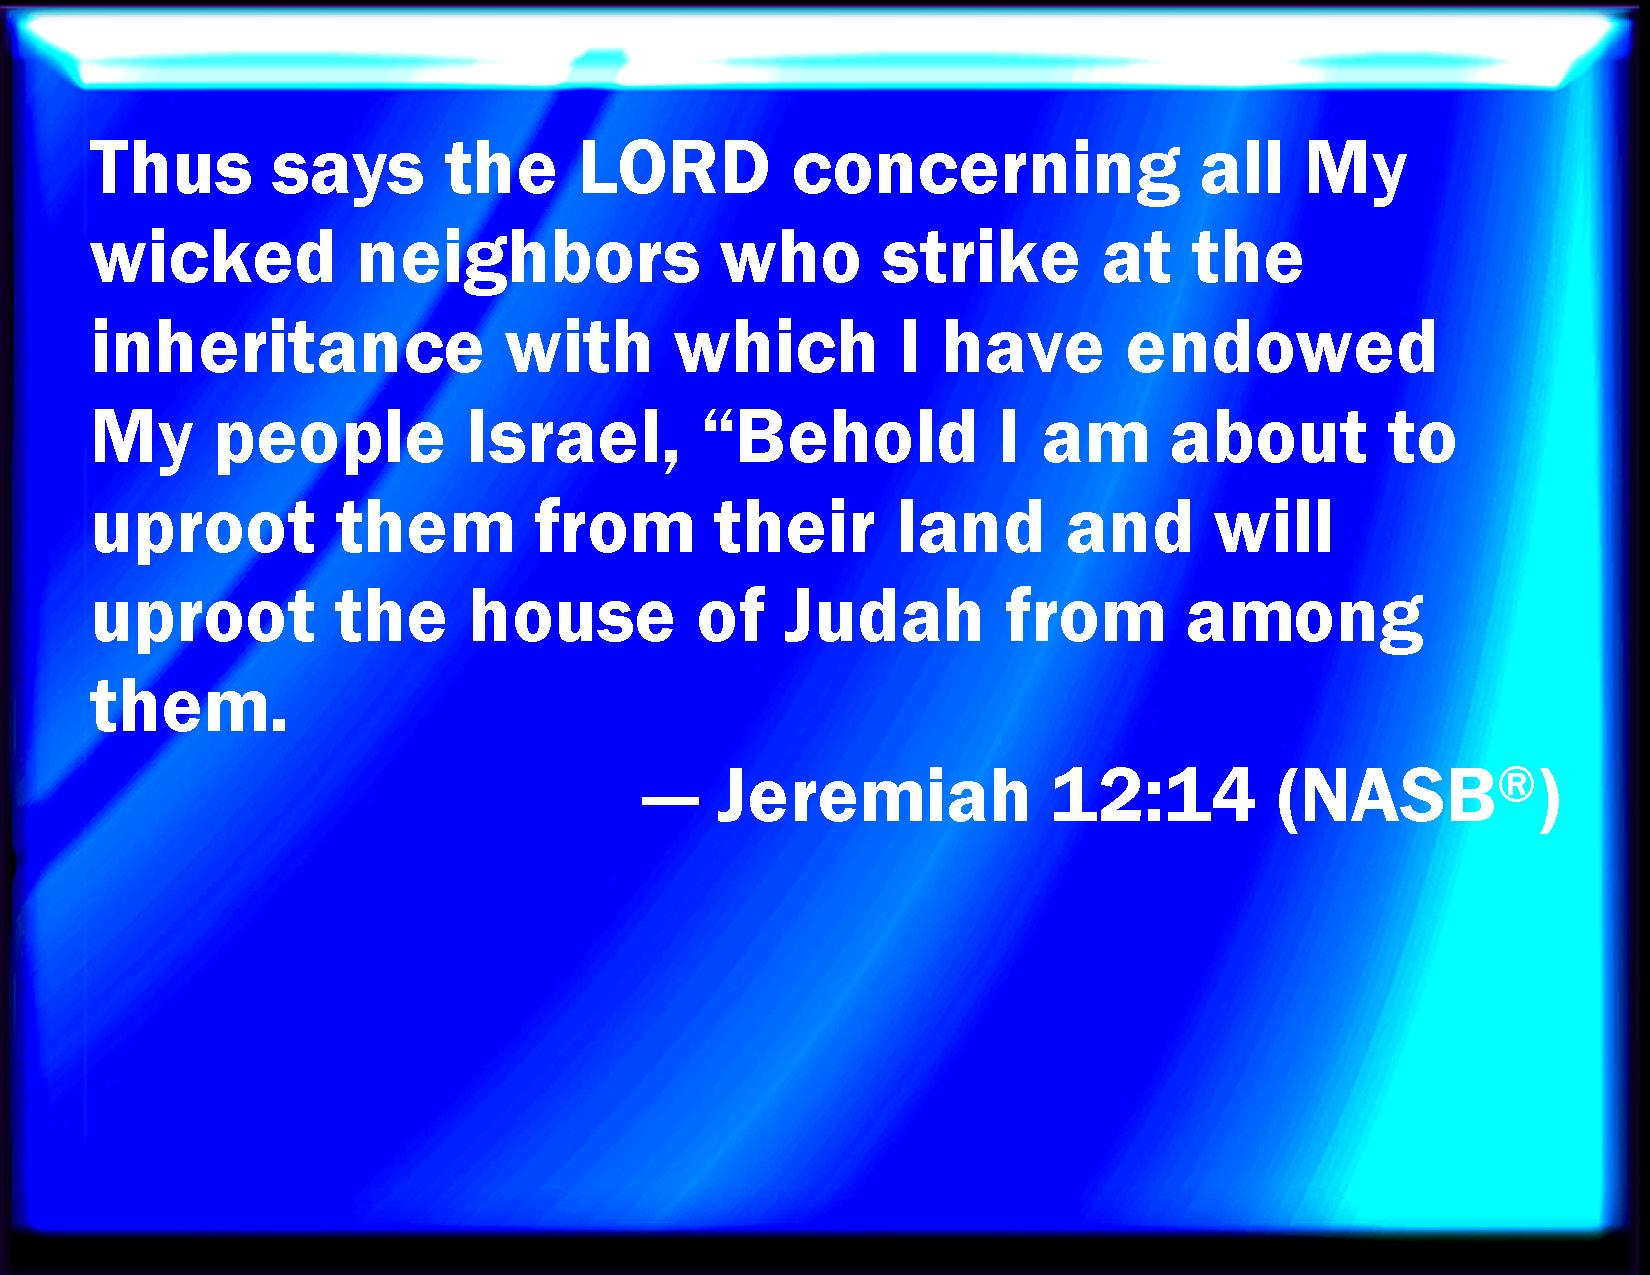 Kuvahaun tulos haulle Jeremiah 12:14